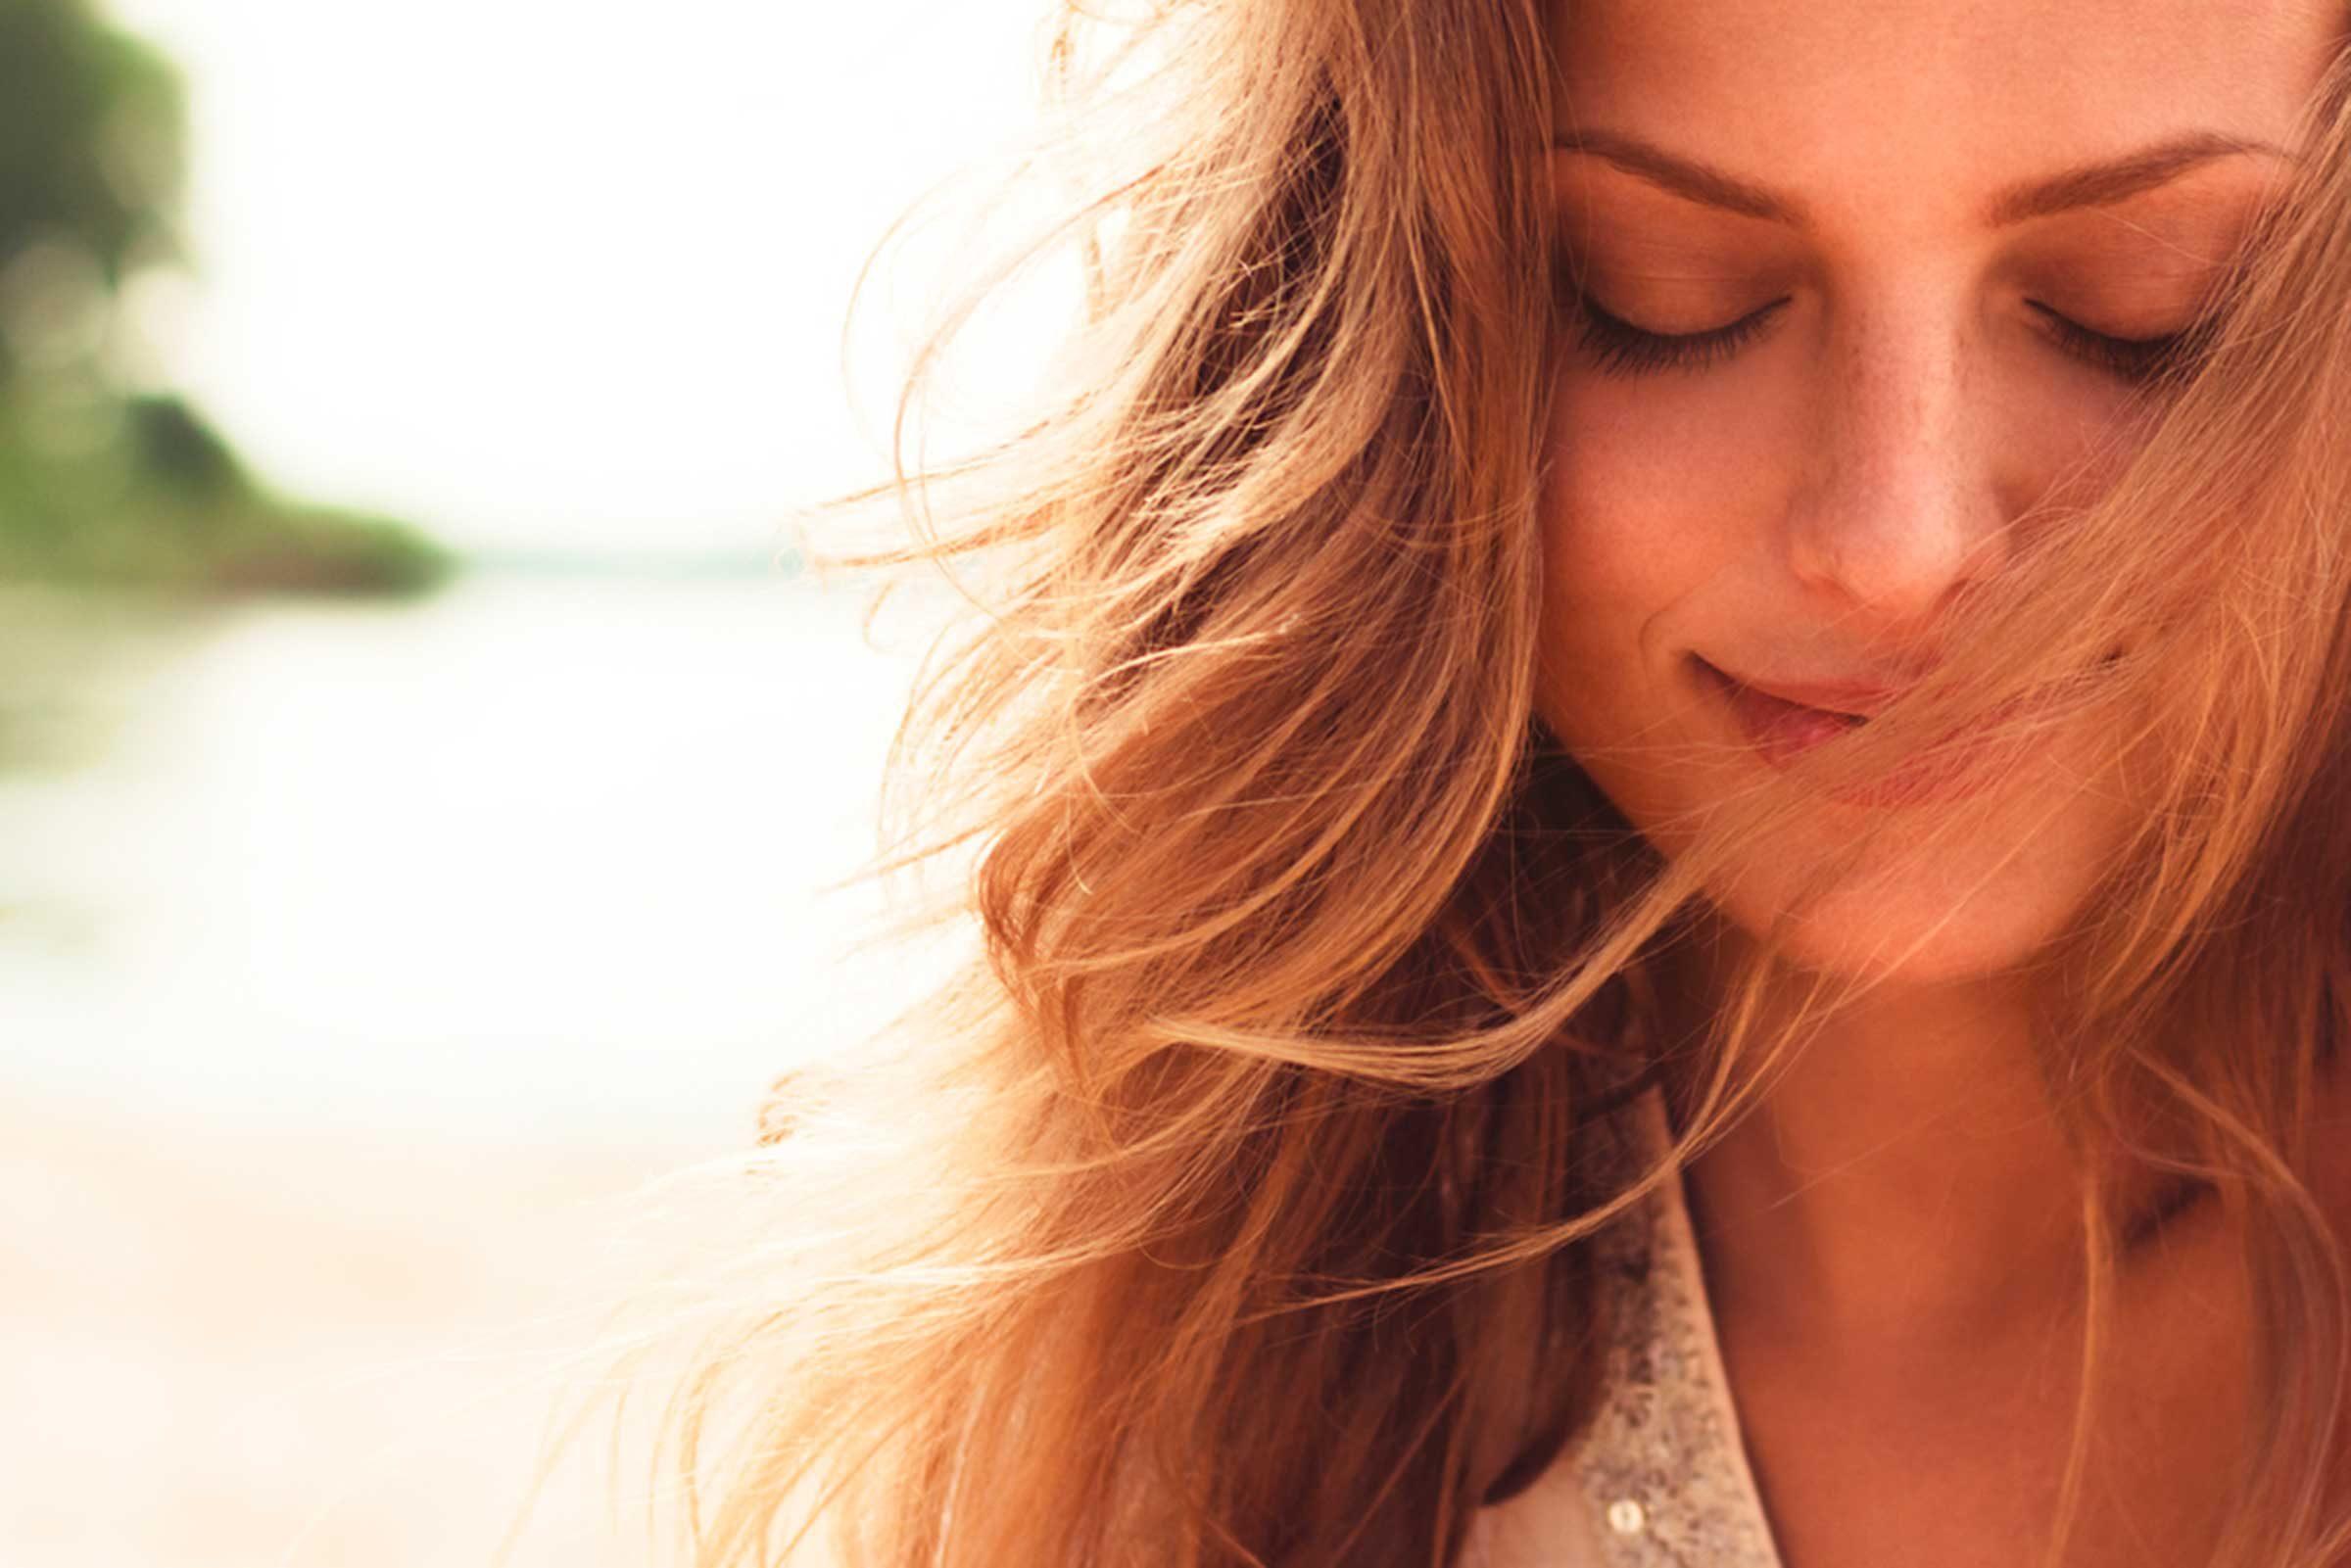 Secret de beauté: Ne vous comparez pas aux autres